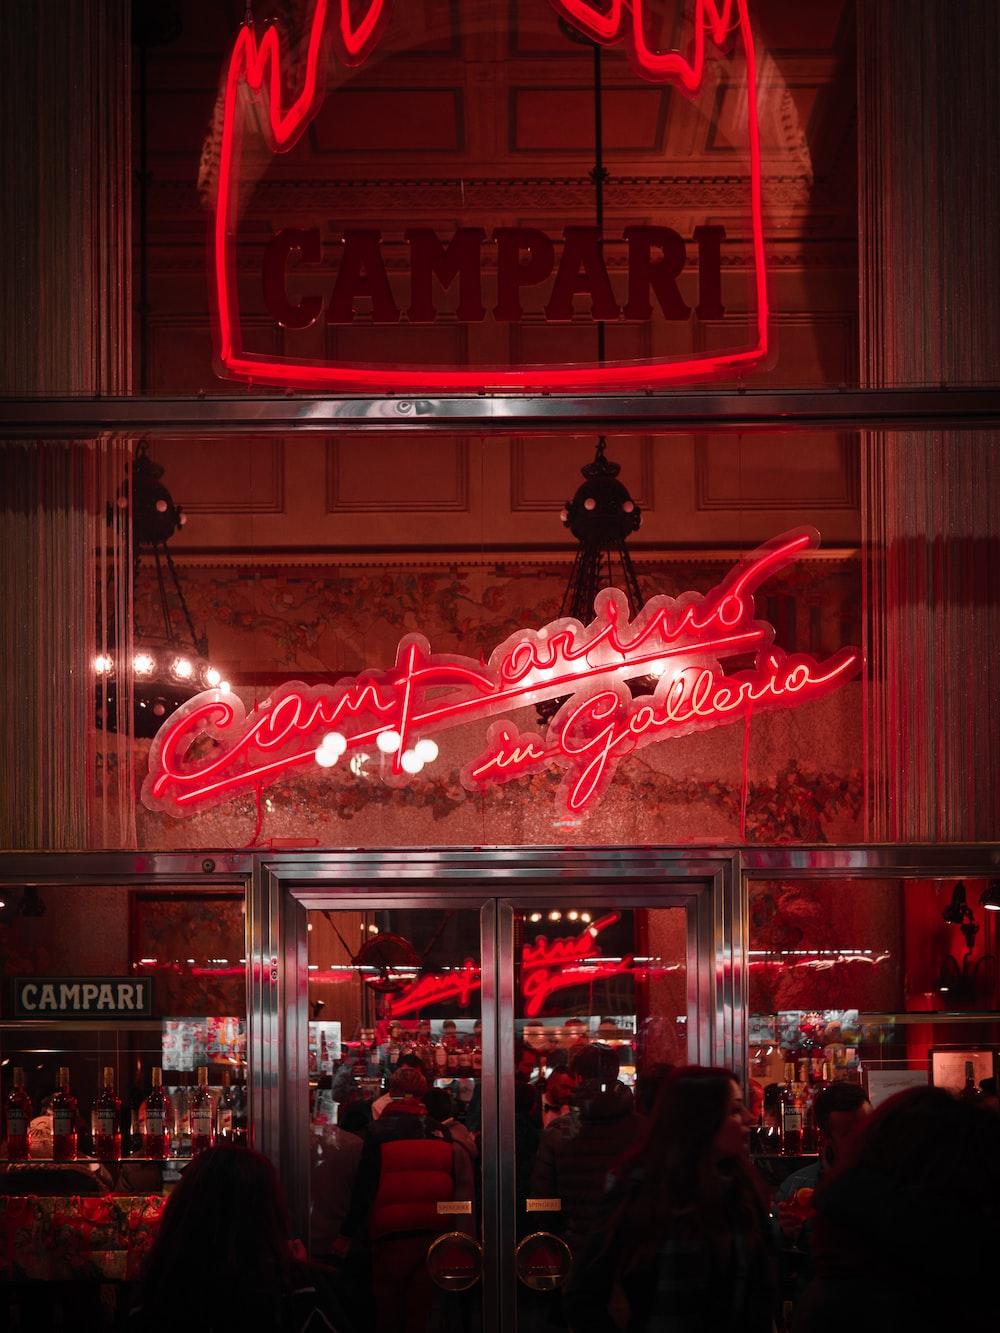 Campari LED signage